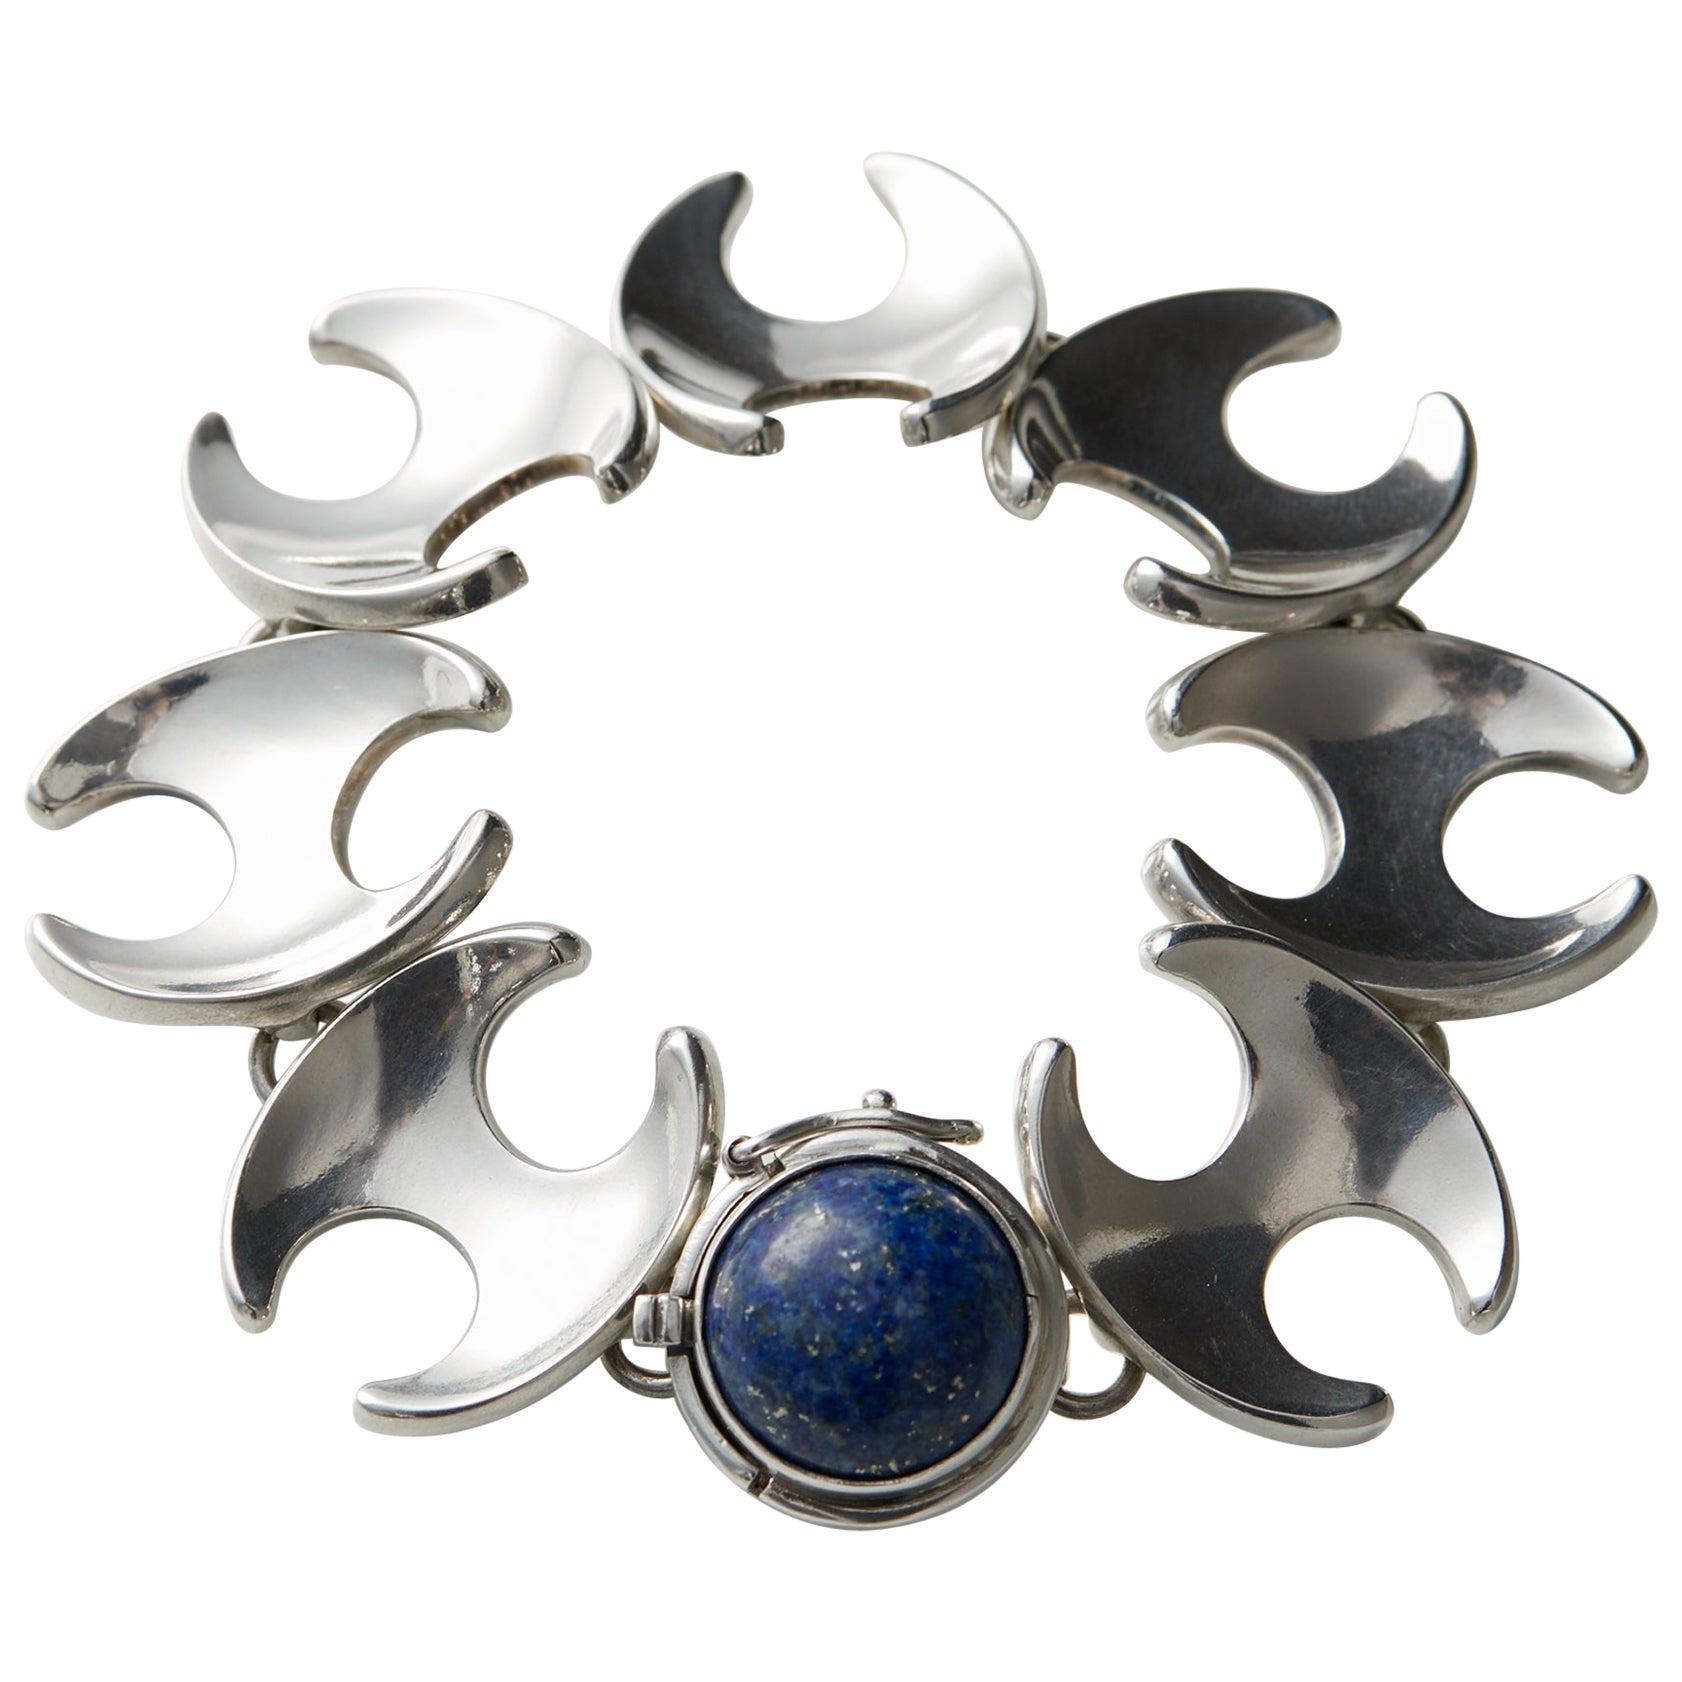 Bracelet Designed by Henning Koppel for Georg Jensen, Denmark, 1940s